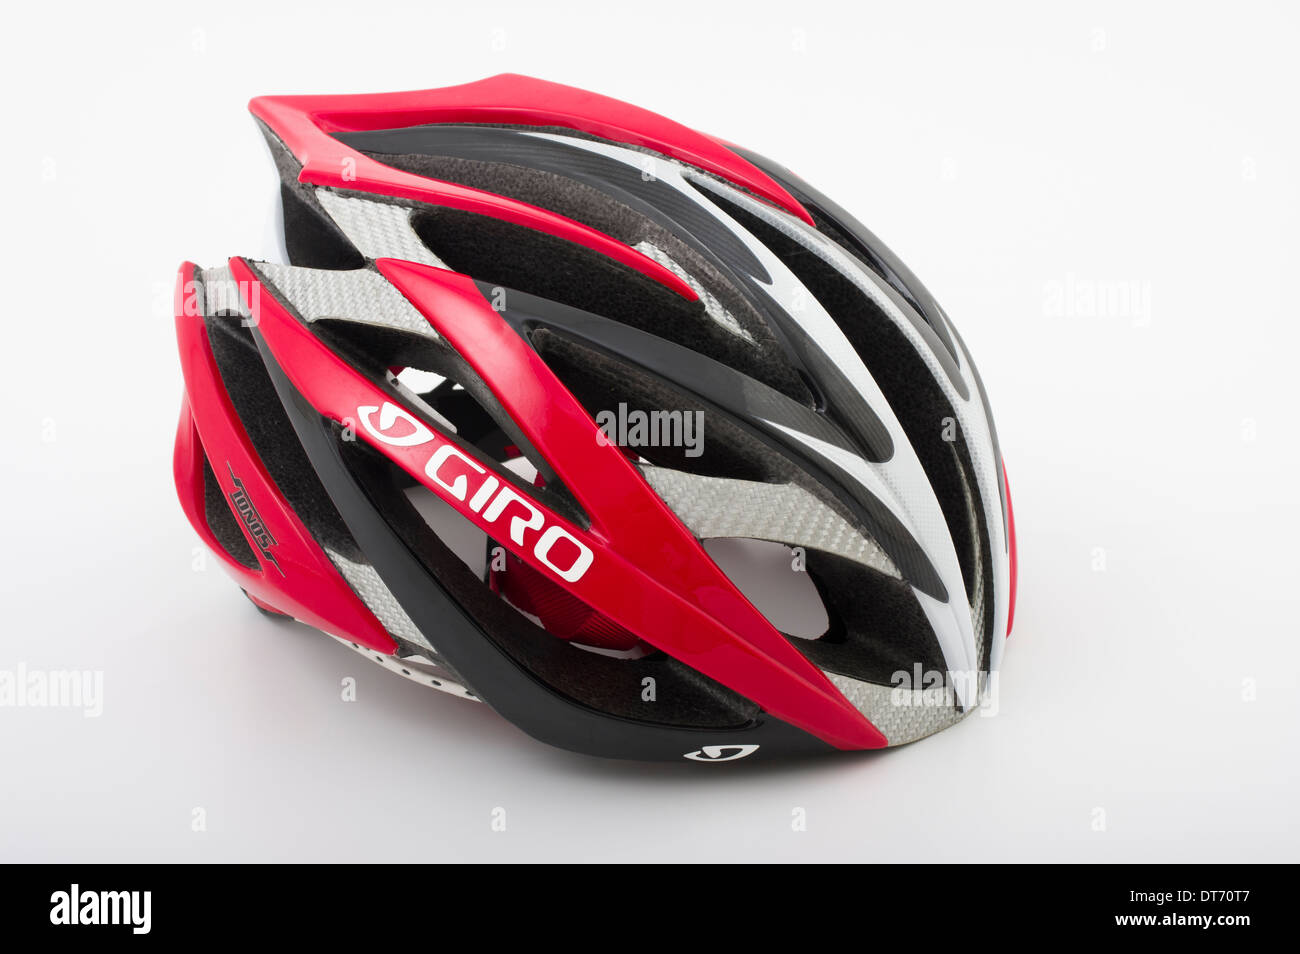 Giro Ionos leichte Strassenrennen Radsport / Triathlon-Helm Stockbild